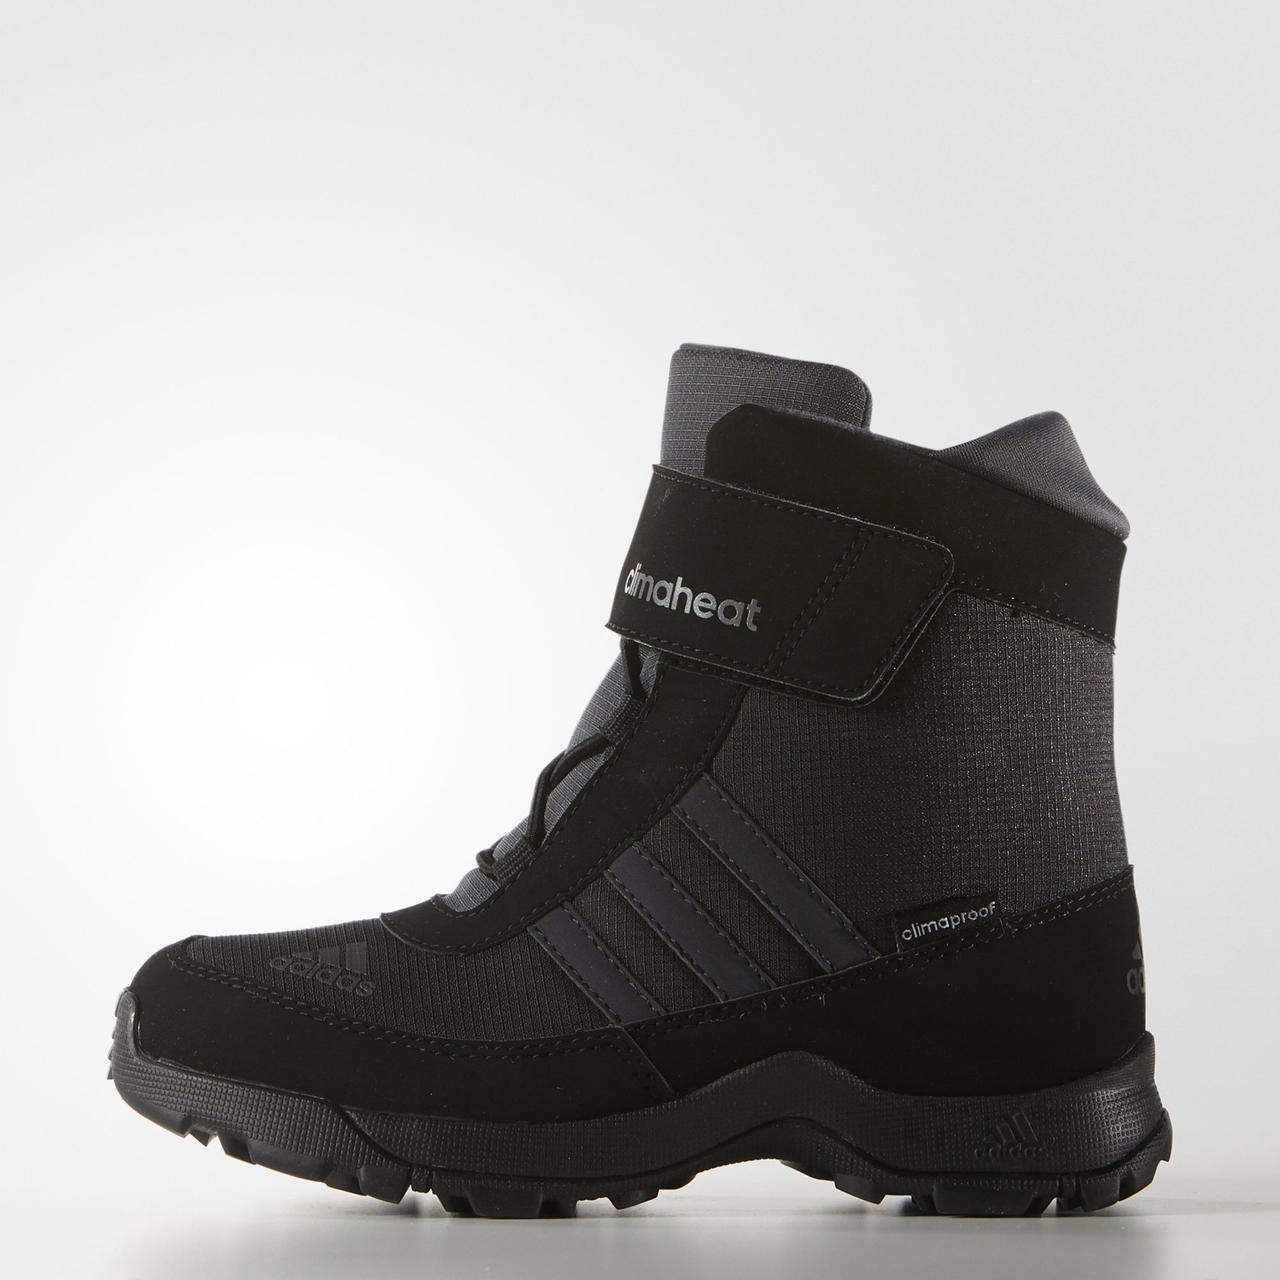 Ботинки детские Adidas Adisnow черные B33214 - Popsport.com.ua ‒  интернет-магазин ad9c0375456